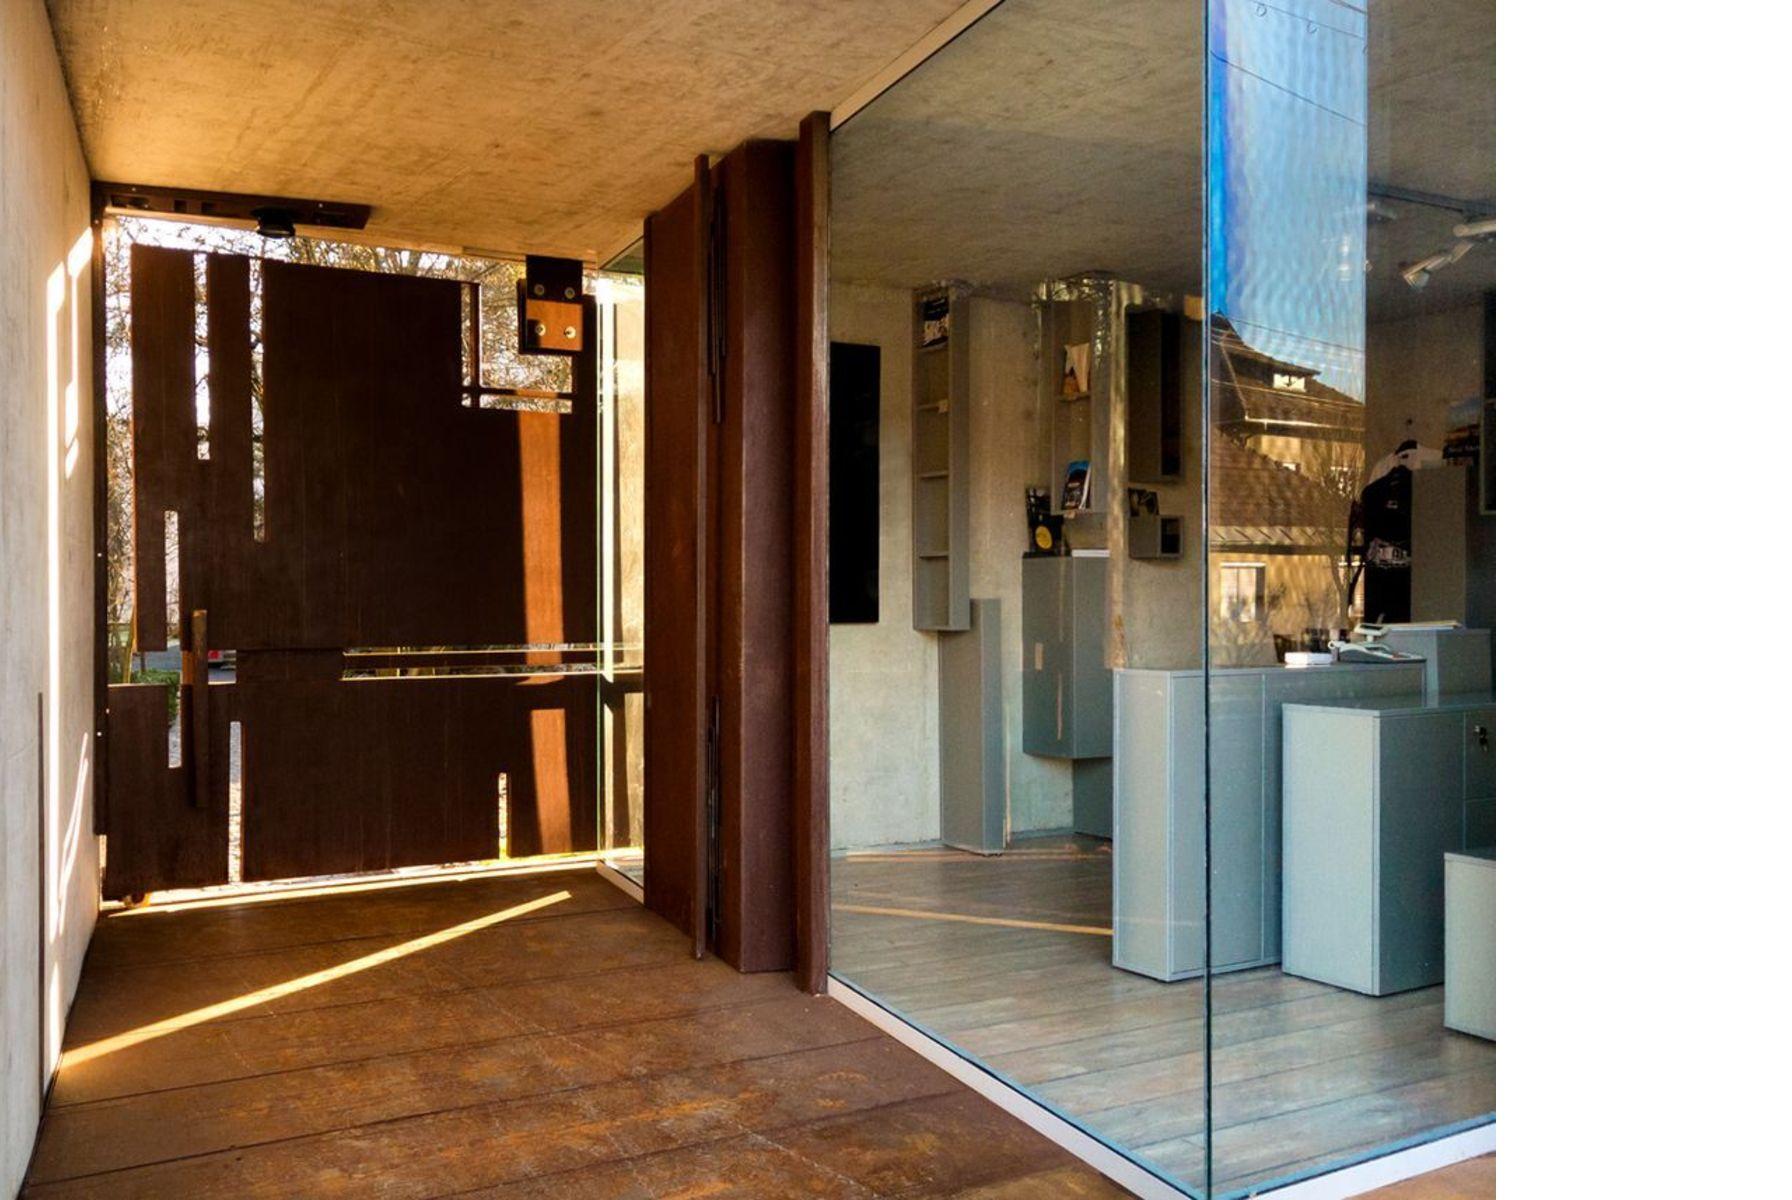 Portale sull 39 arte un progetto di 9 optiune livegreenblog - Portale architetti roma ...